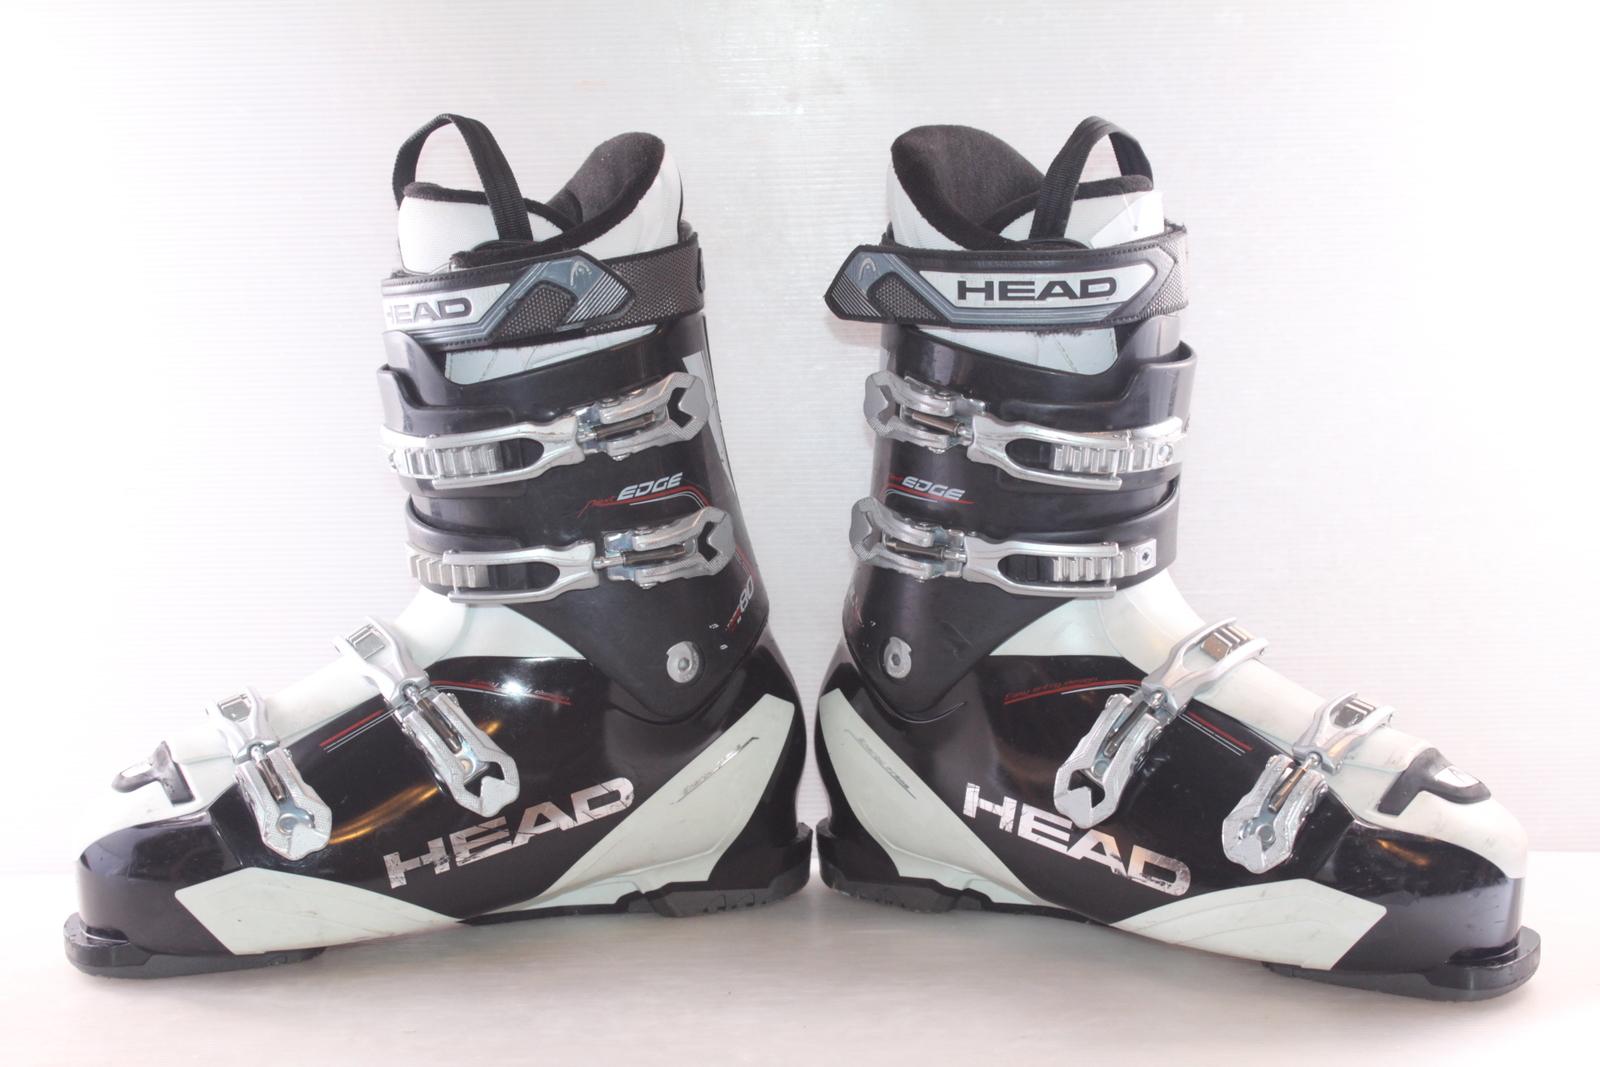 Lyžařské boty Head NExt Edge vel. EU47 flexe 80